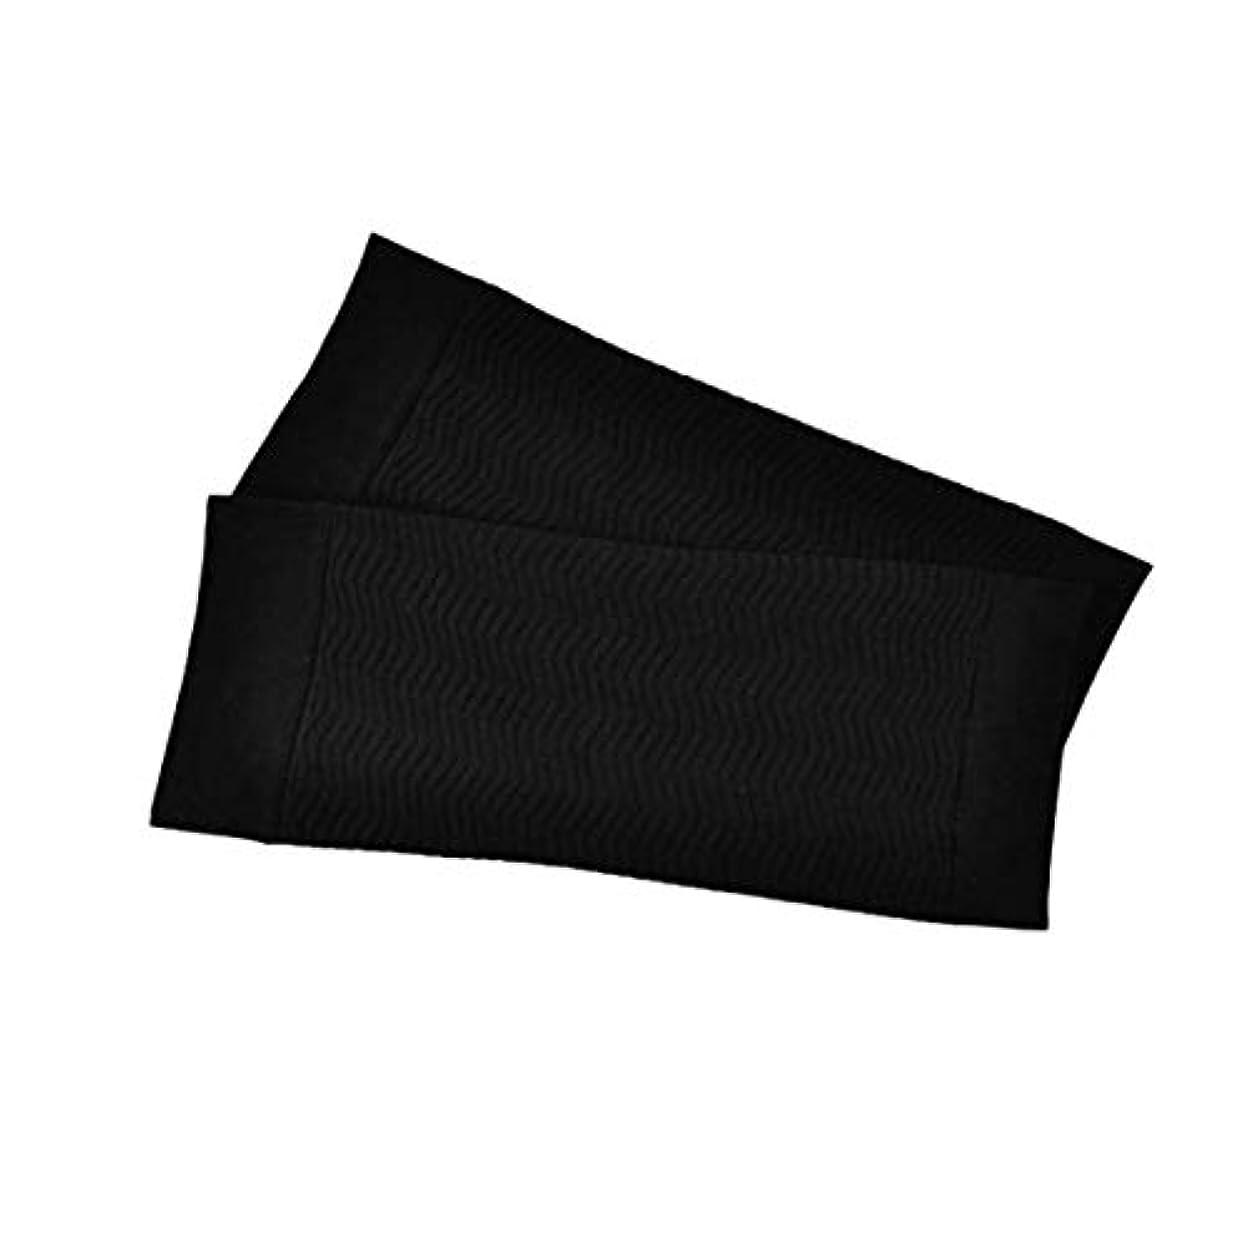 竜巻よろめく余分な1ペア680 D圧縮アームシェイパーワークアウトトーニングバーンセルライトスリミングアームスリーブ脂肪燃焼半袖用女性 - ブラック